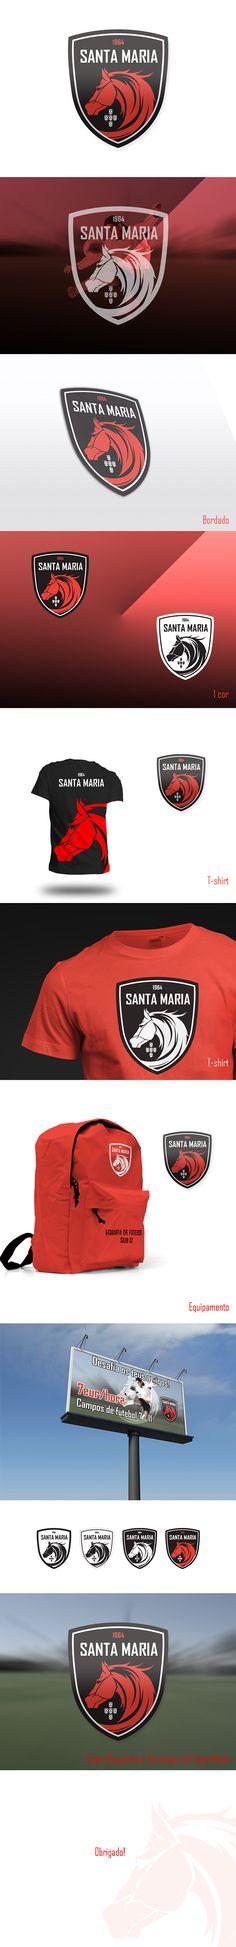 Novo emblema | Santa Maria by Mário Nascimento, via Behance